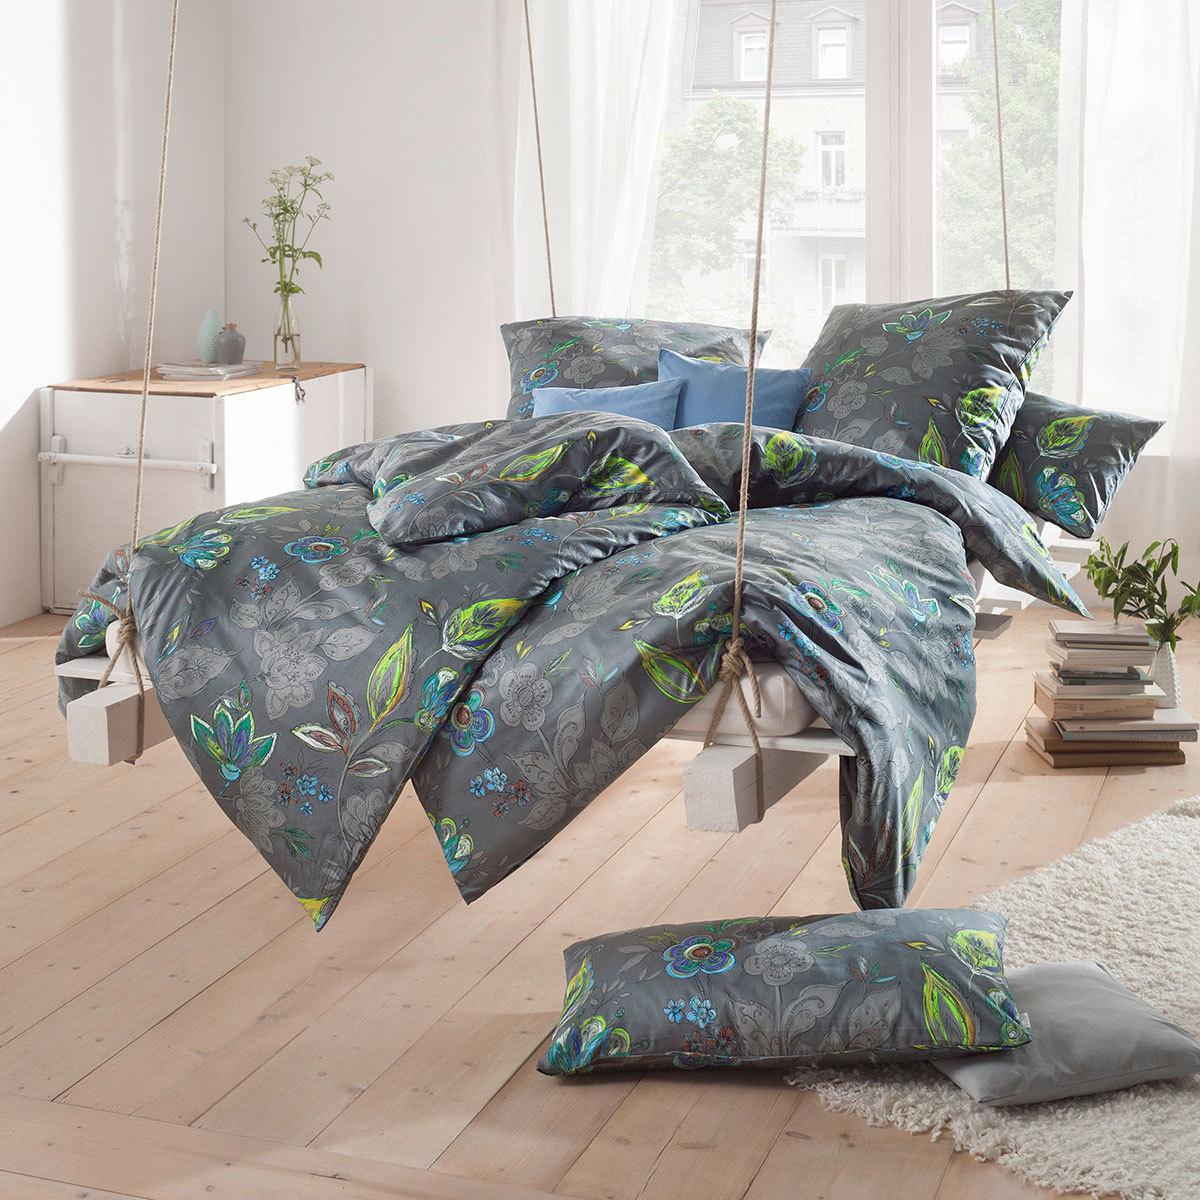 estella mako satin bettw sche luisa schiefer g nstig online kaufen bei bettwaren shop. Black Bedroom Furniture Sets. Home Design Ideas